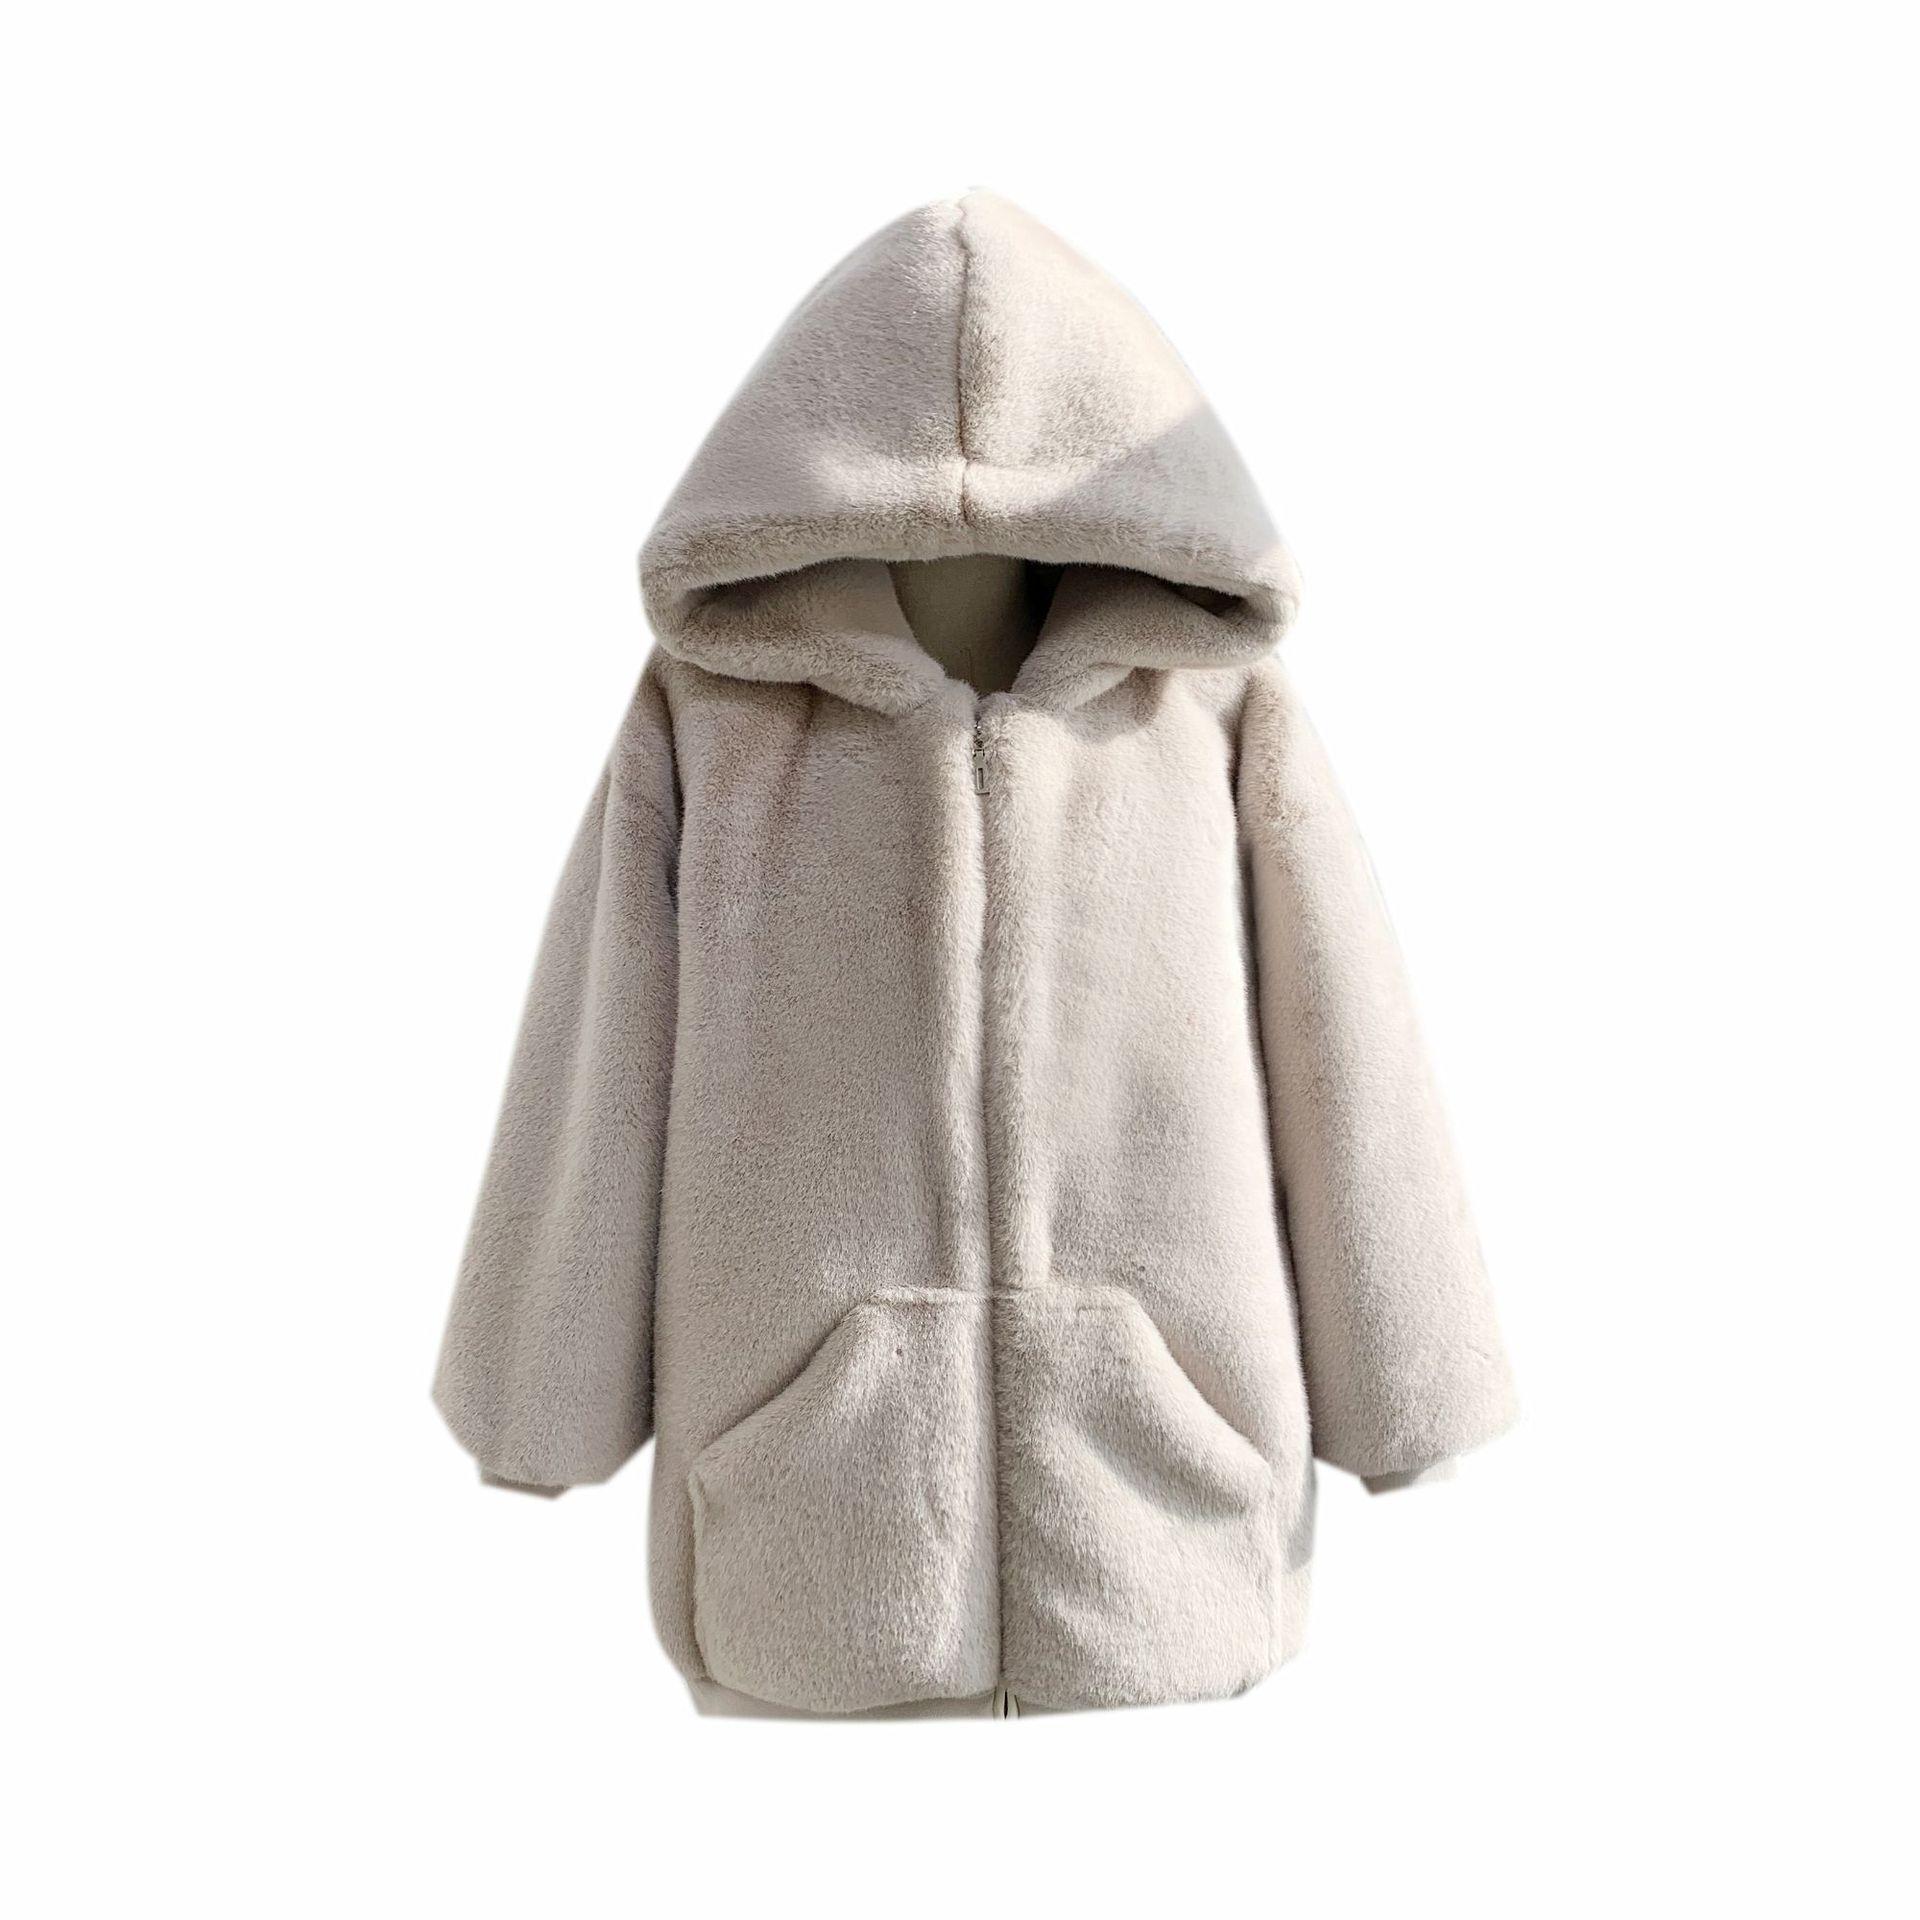 Фото - Модное плюшевое пальто, Женское зимнее пальто средней длины из искусственного меха кролика Рекс, Свободное пальто с капюшоном, новинка 2021 пальто средней длины с капюшоном